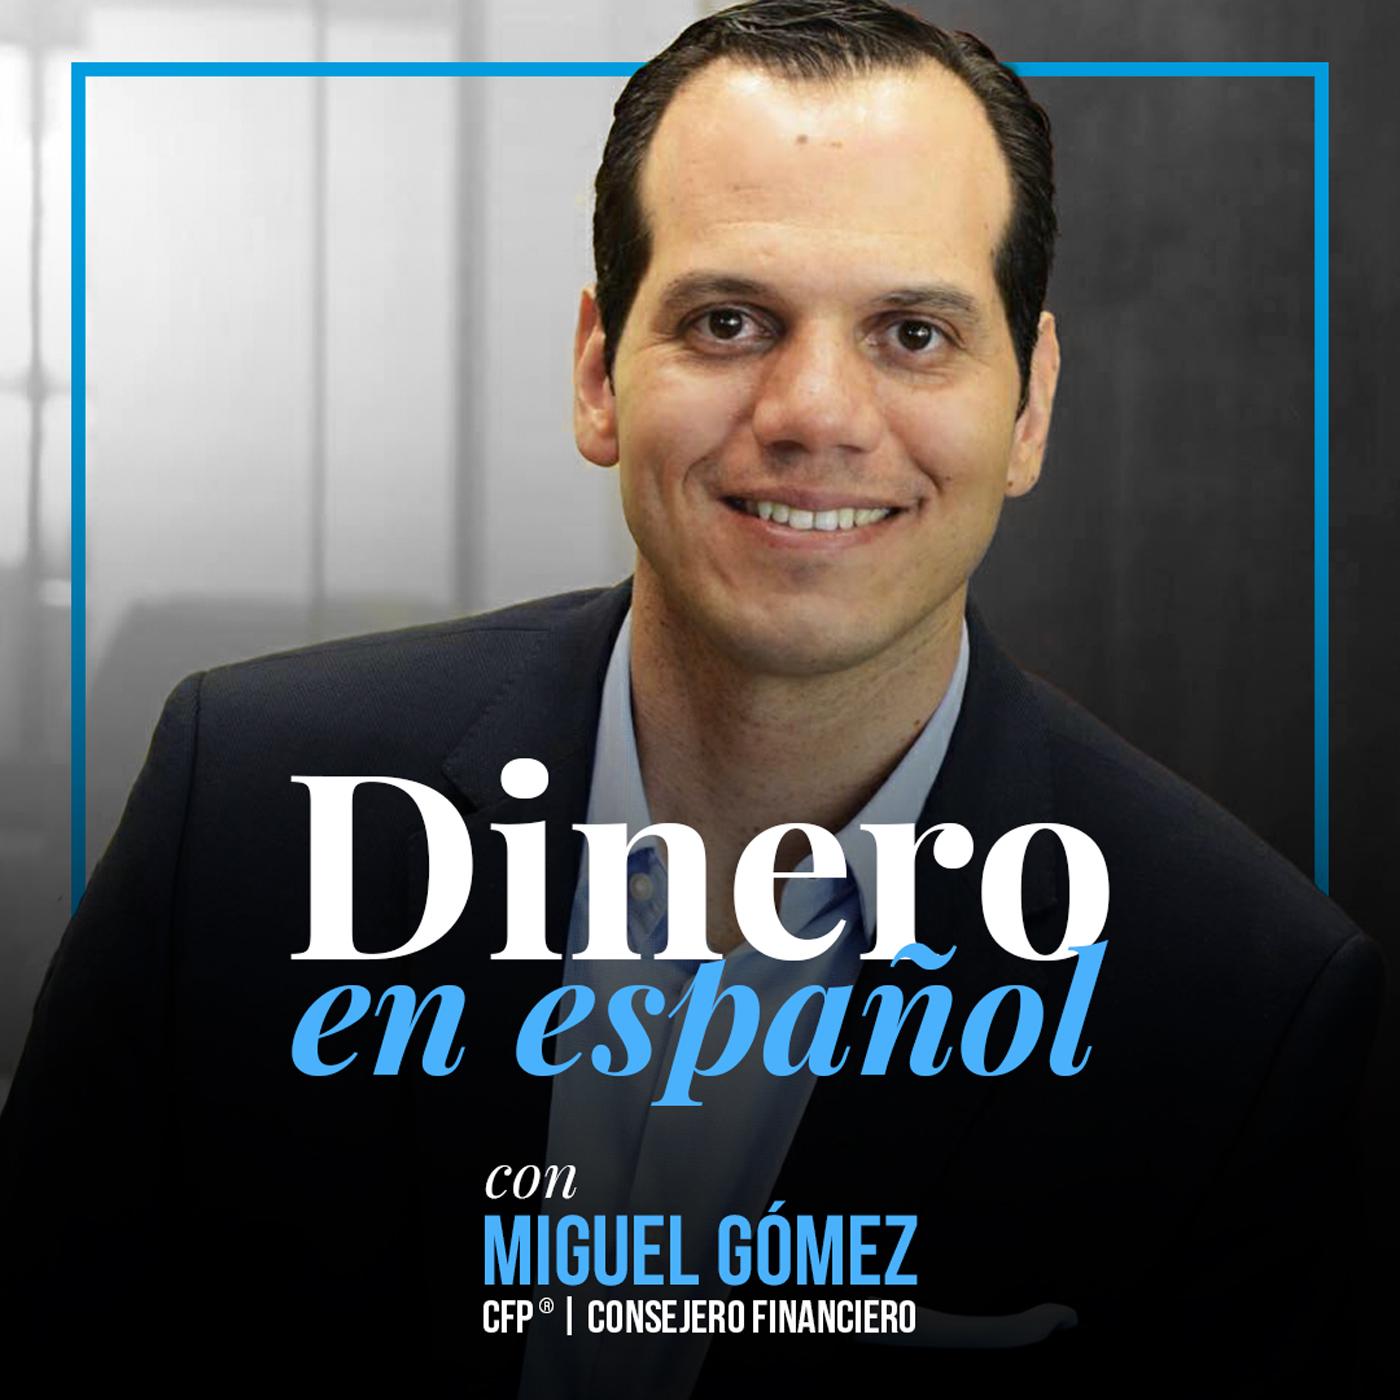 La (Otra) Inflación que Afecta a Empresarios y Profesionistas en Ascenso